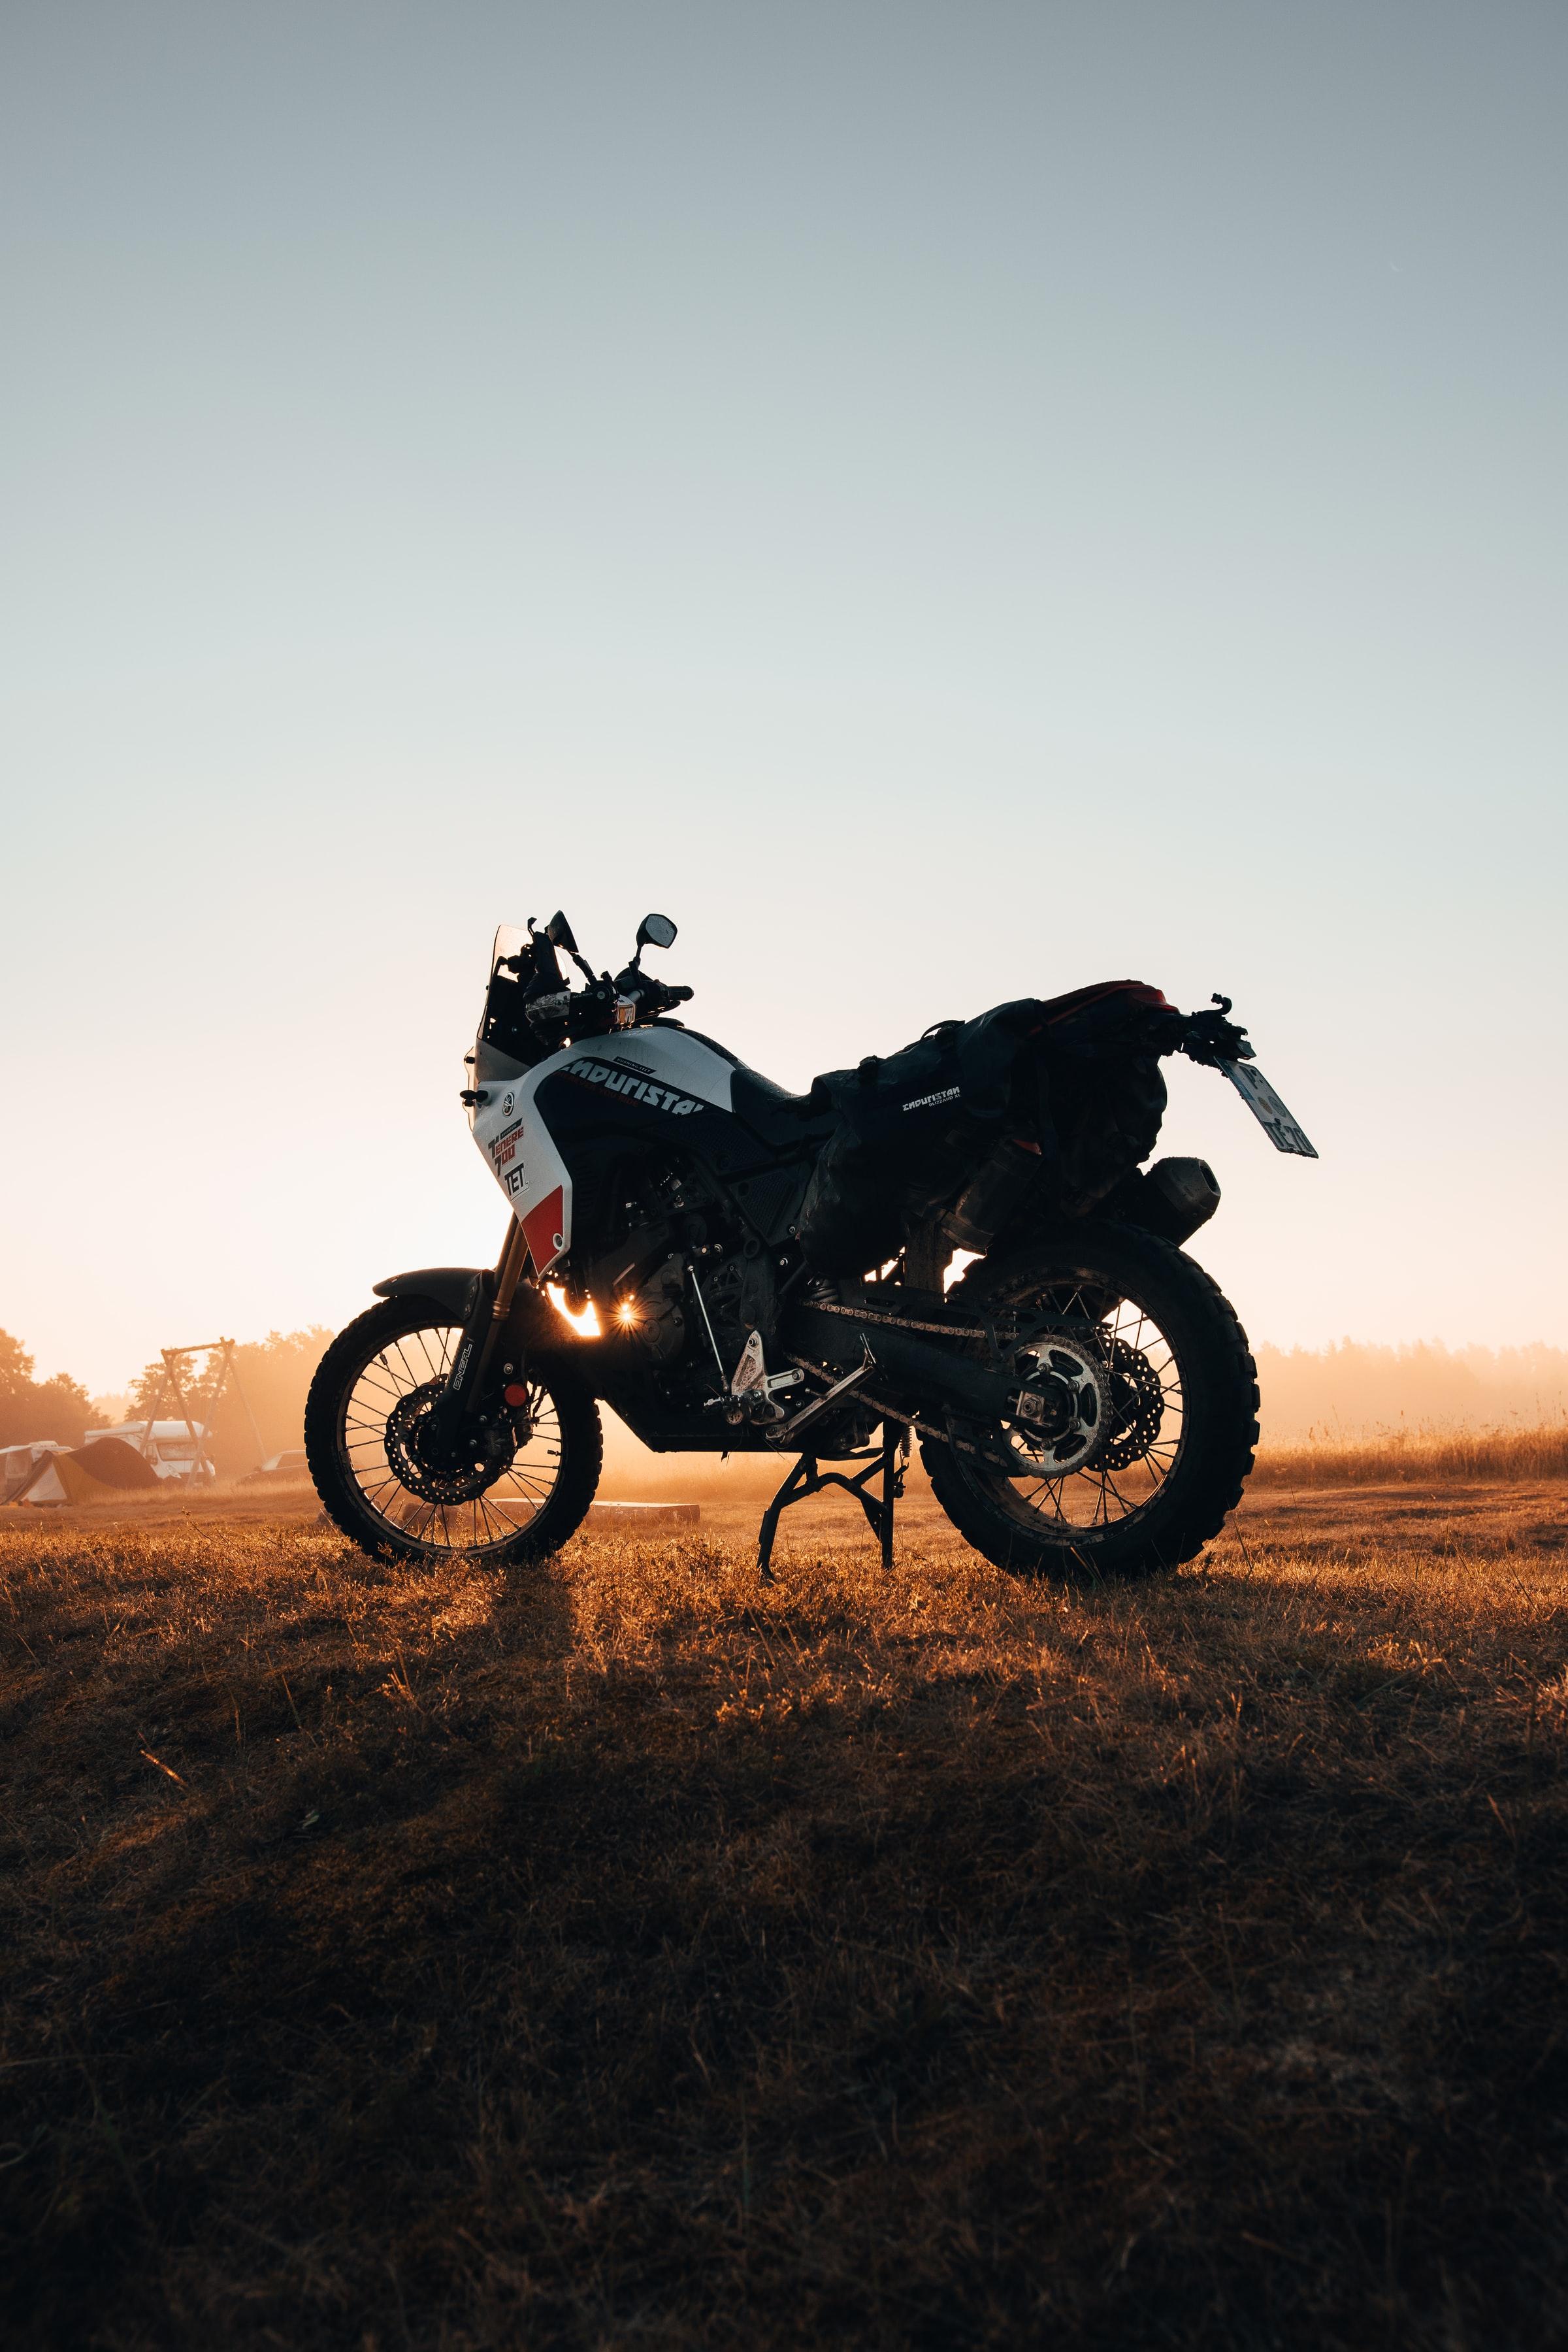 105502 скачать обои Мотоциклы, Мотоцикл, Вид Сбоку, Байк, Лучи - заставки и картинки бесплатно